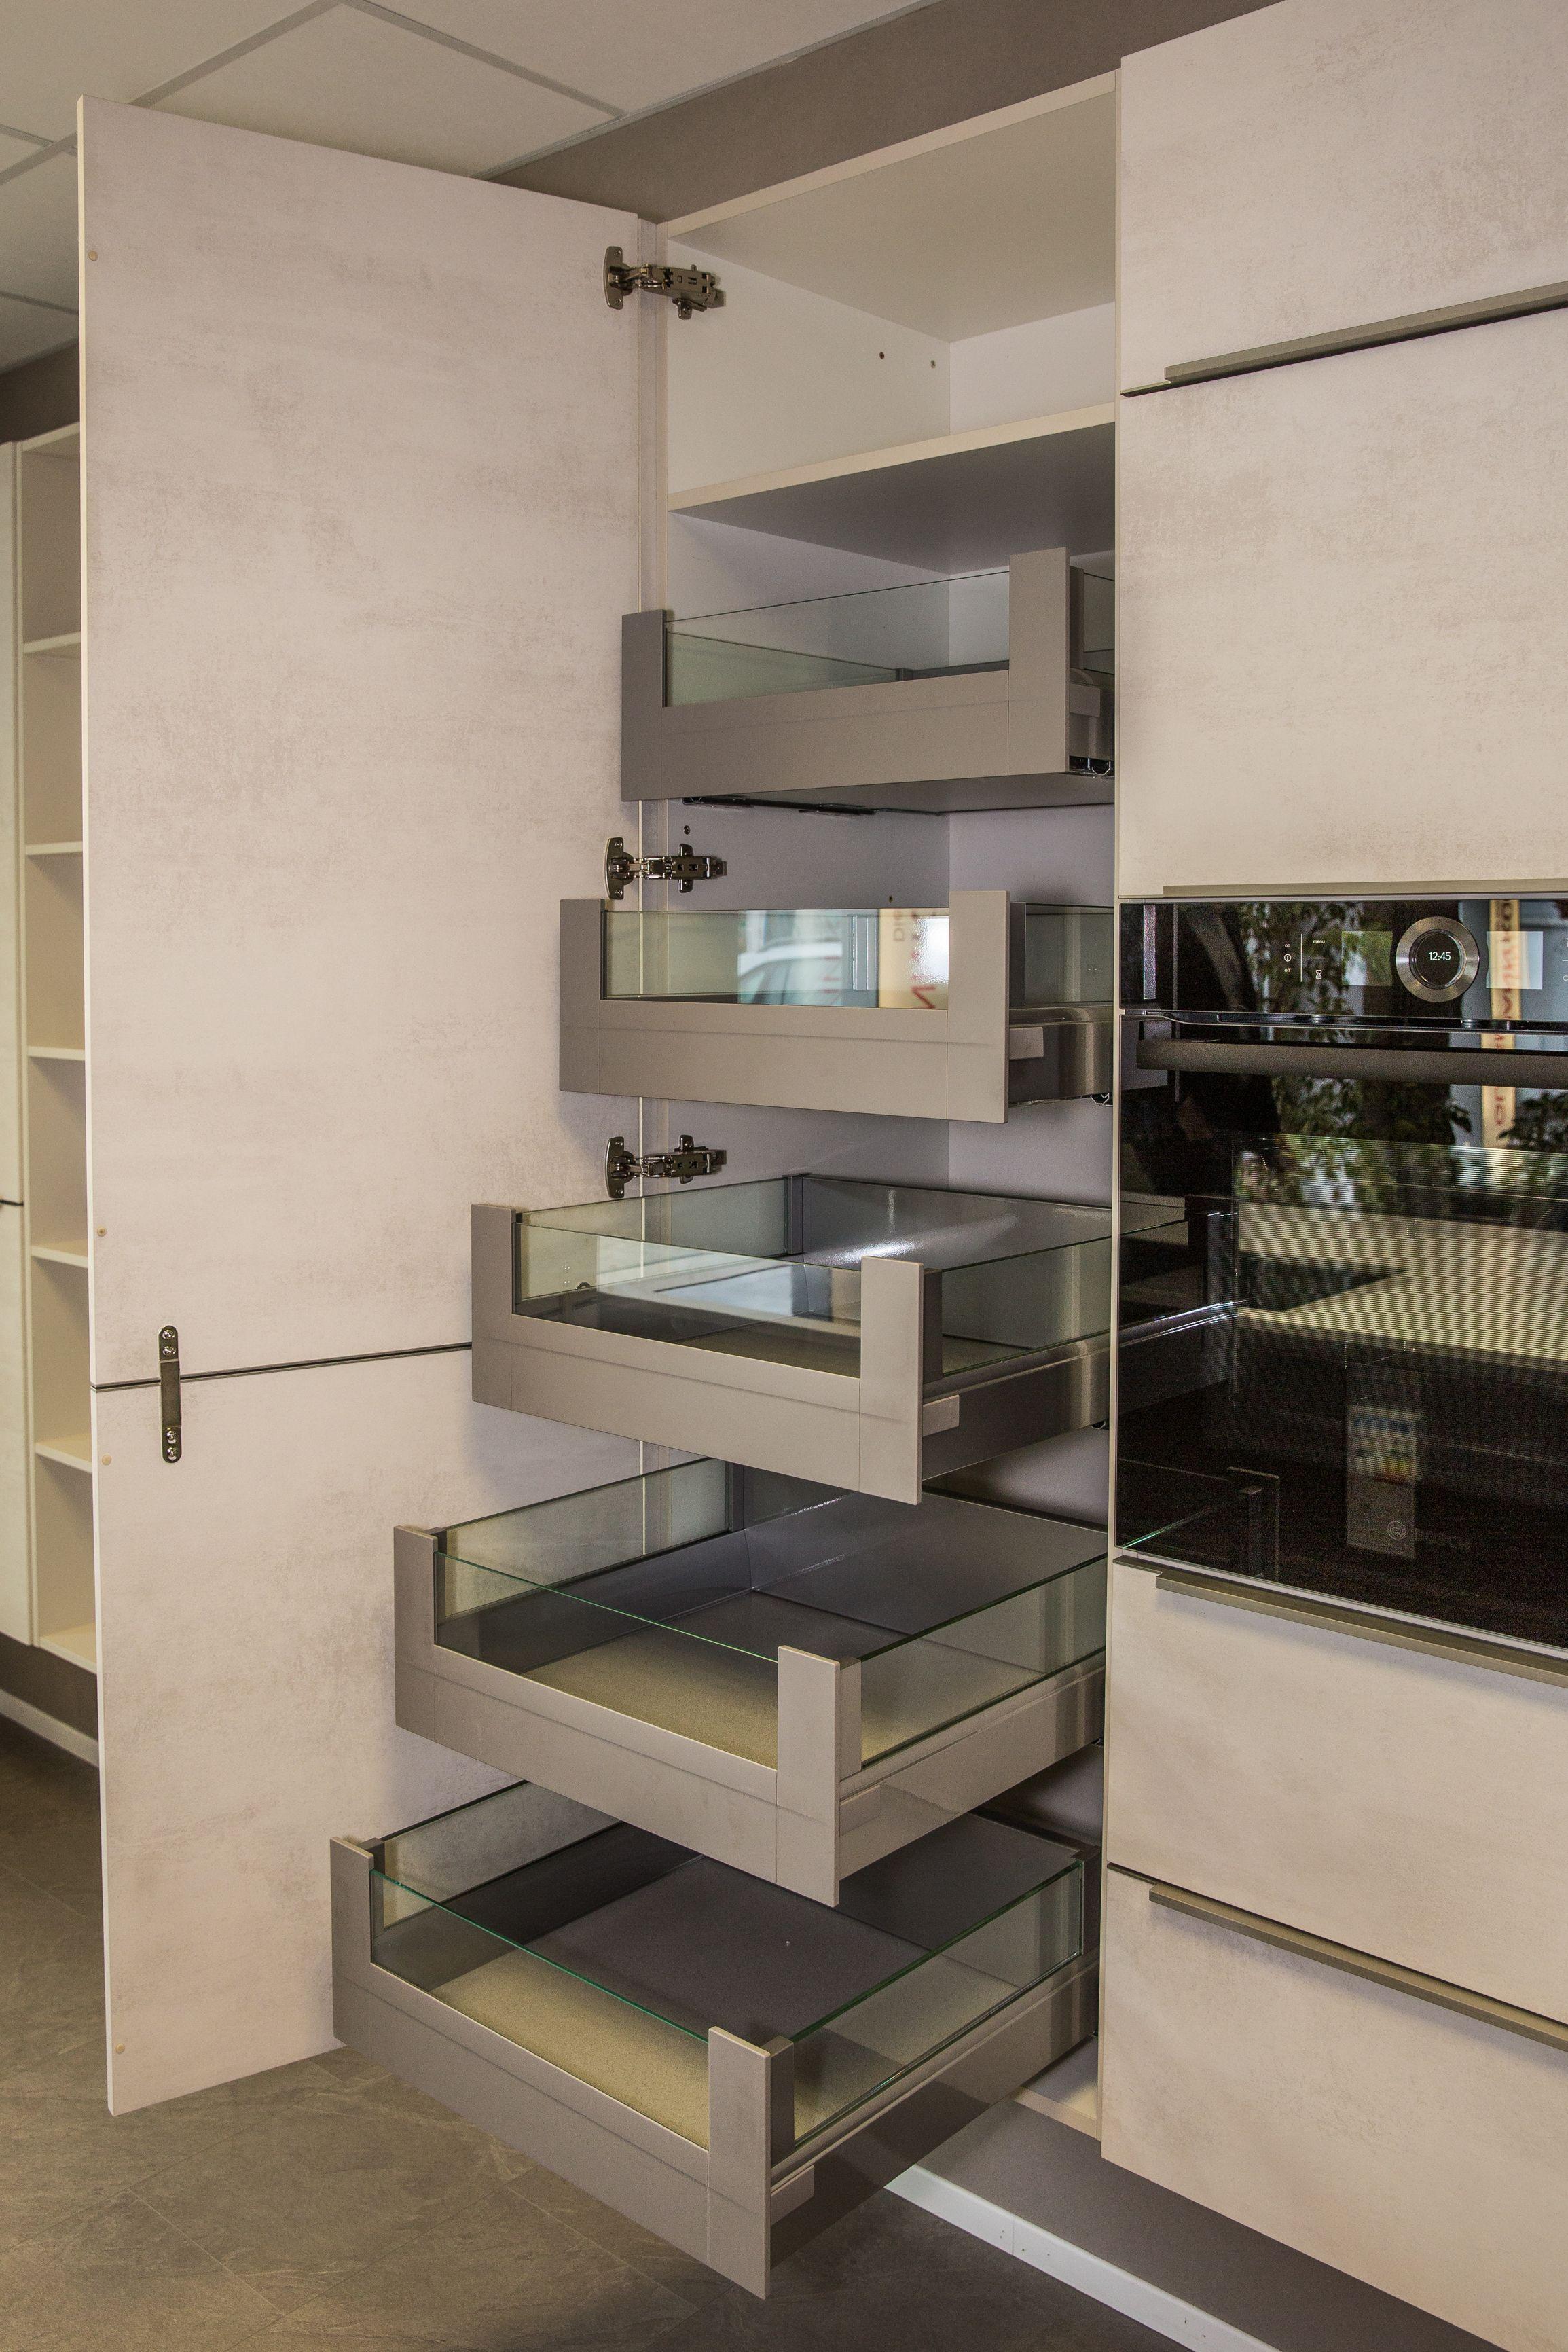 Vorratsschrank mit Innenauszügen #kücheideeneinrichtung Maximaler